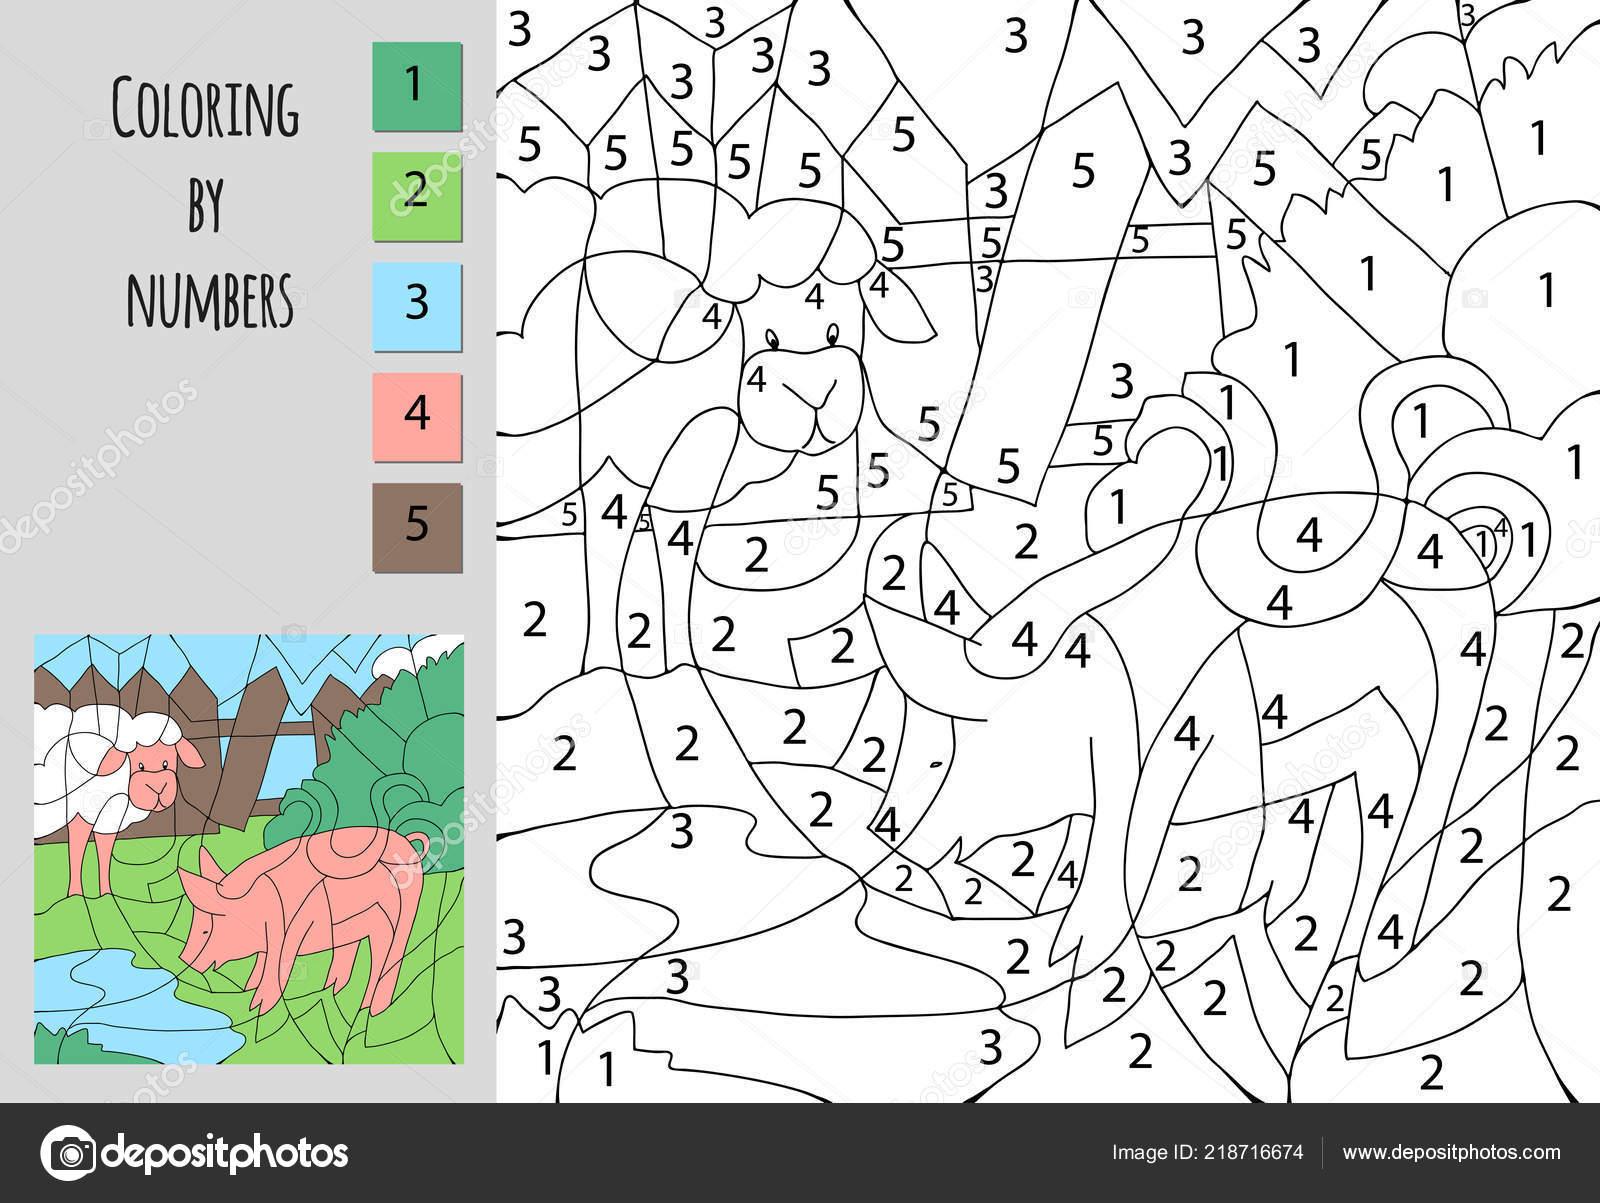 Tekenen Op Nummer Kleurplaten.Kleurplaat Door Nummer Educatieve Spel Voor Kinderen Een Uitdaging